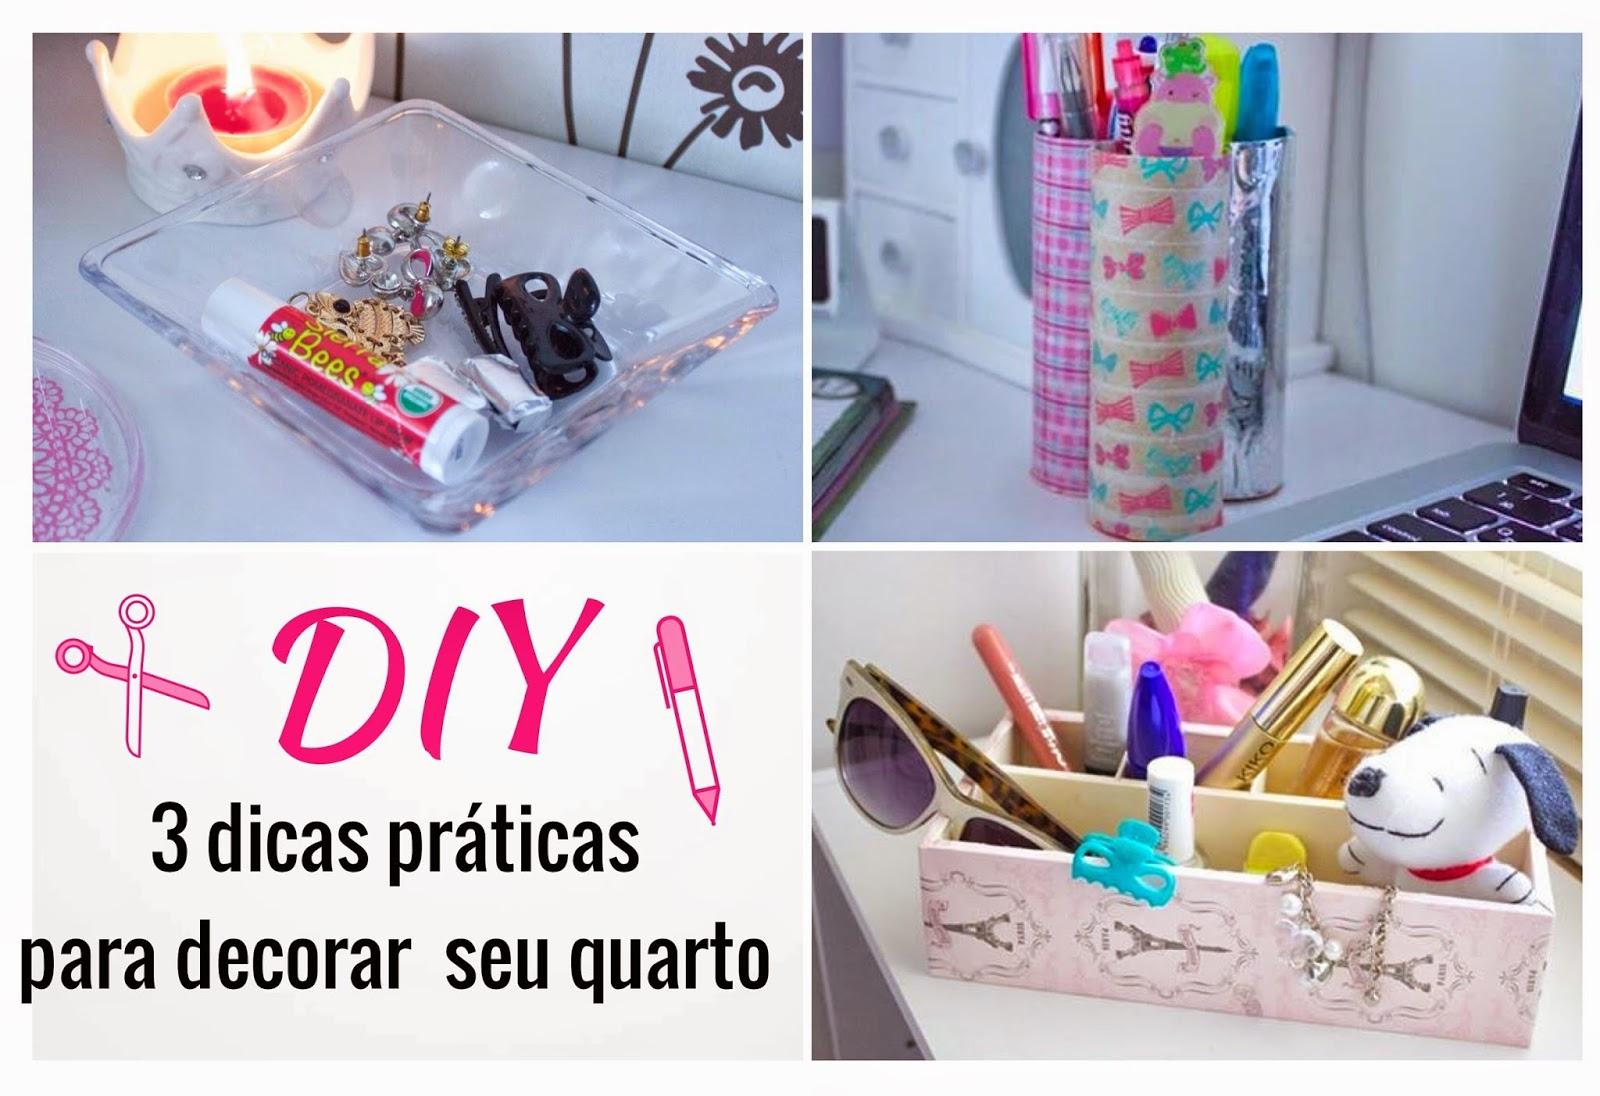 DIY 3 dicas práticas e barata para decorar seu quarto  ~ Quarto Pequeno O Que Fazer